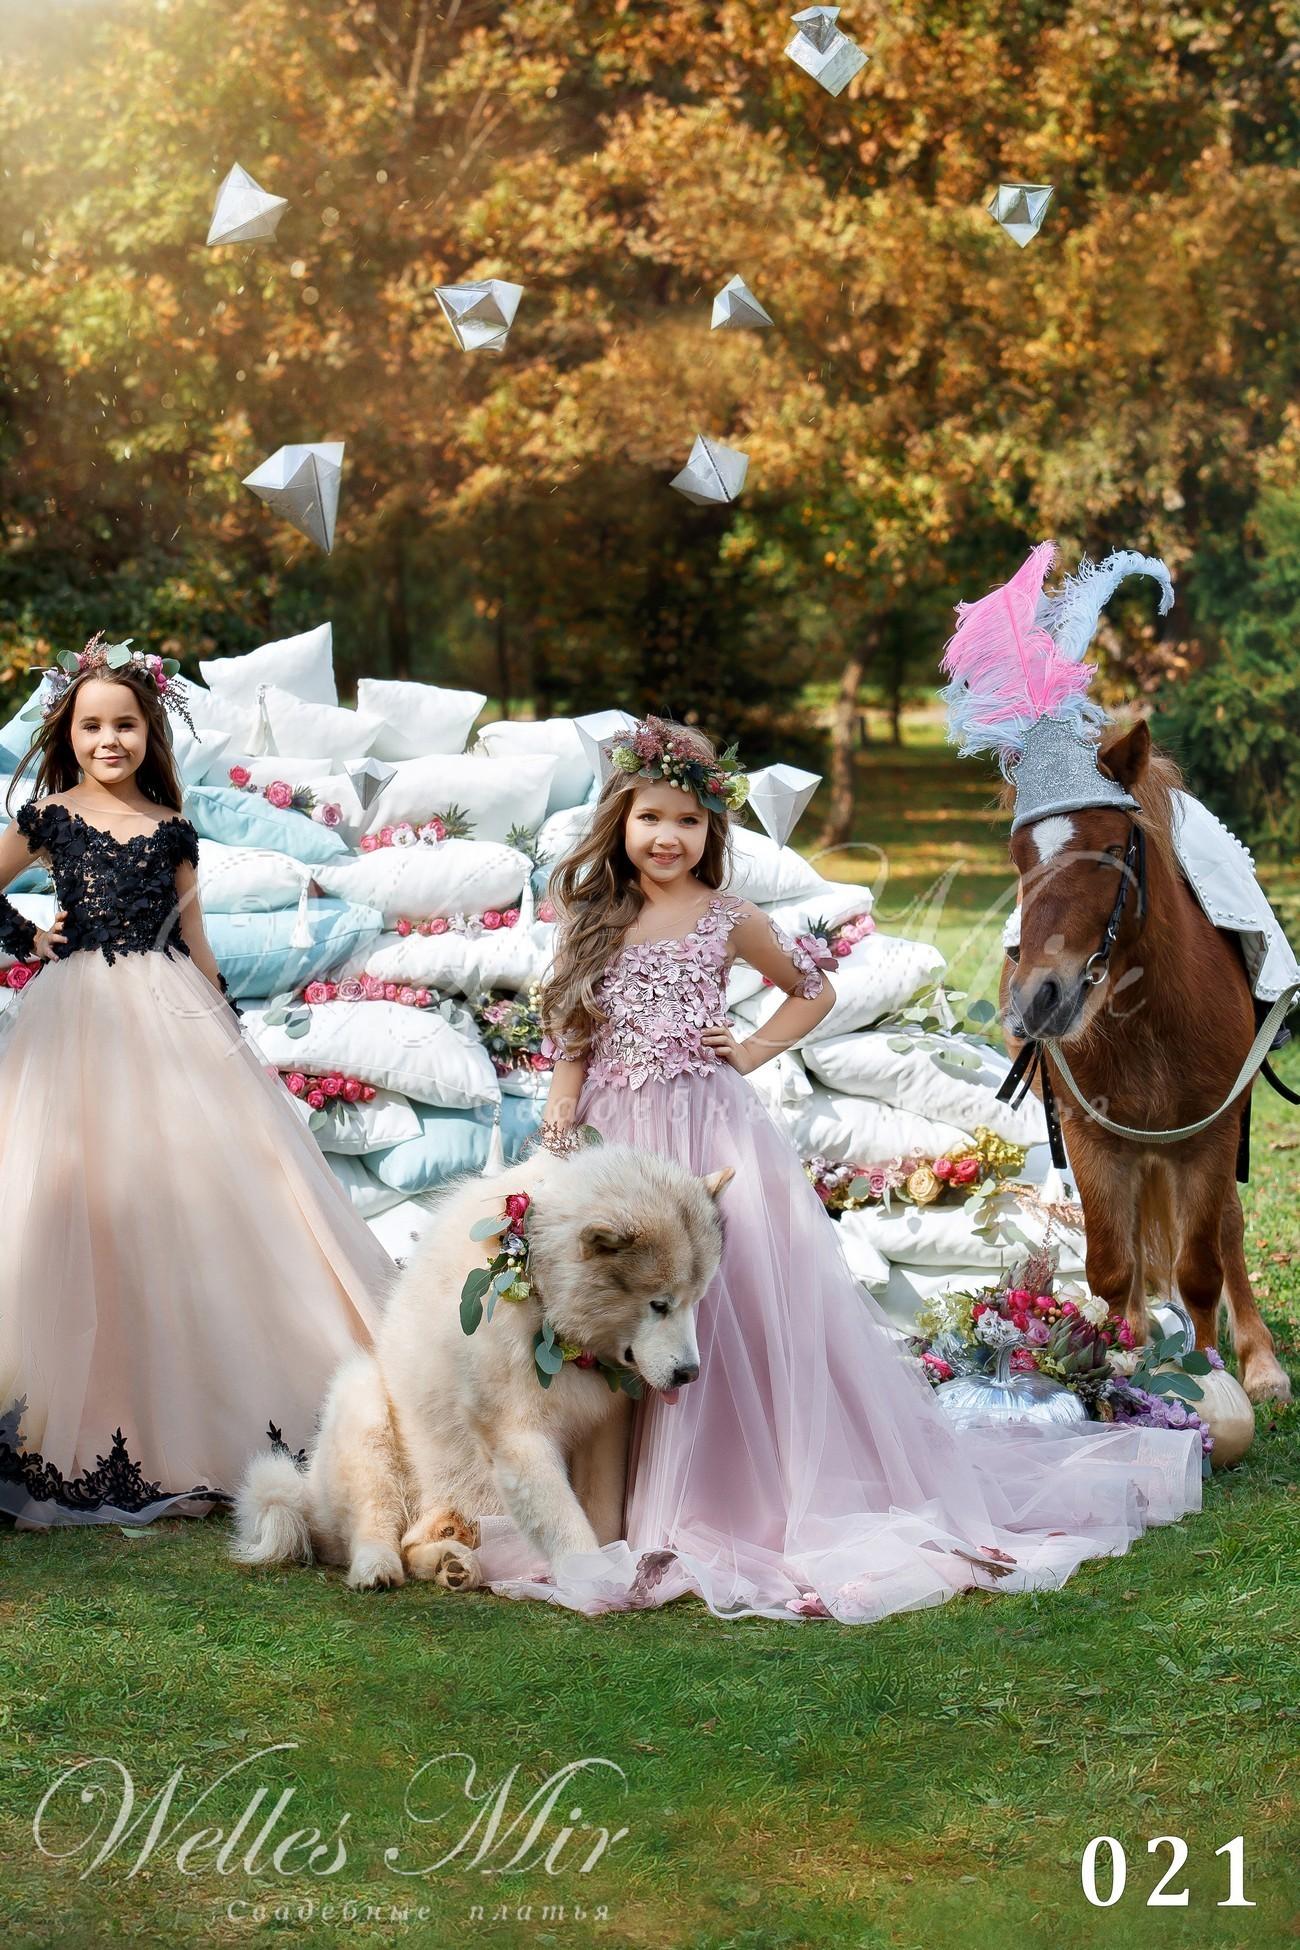 Нарядні дитячі сукні від Wellesmir